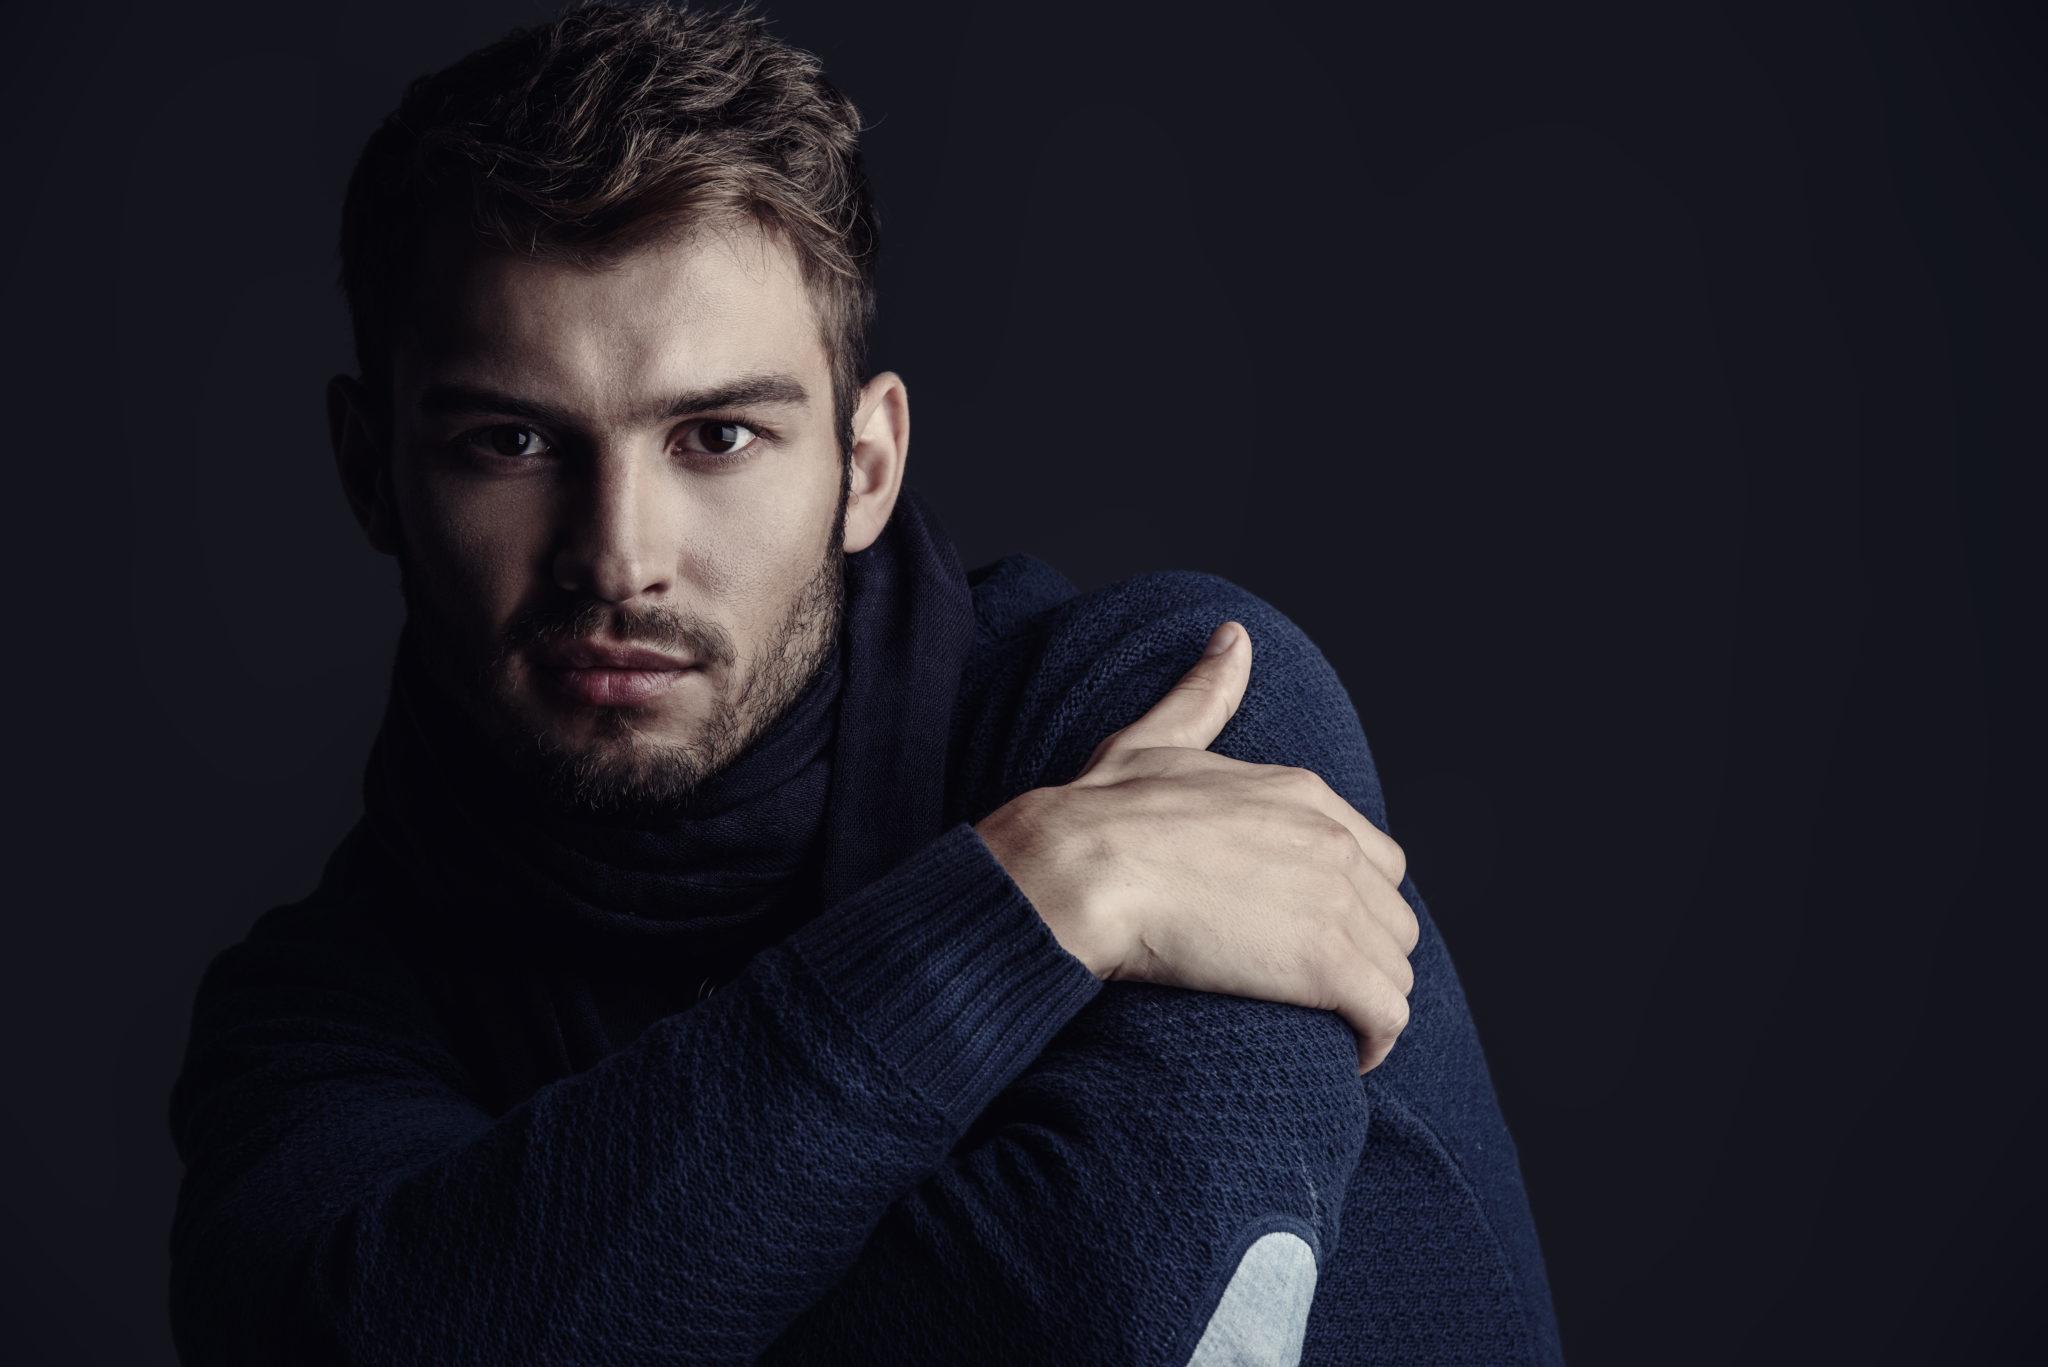 mężczyzna w ciemnym swetrze